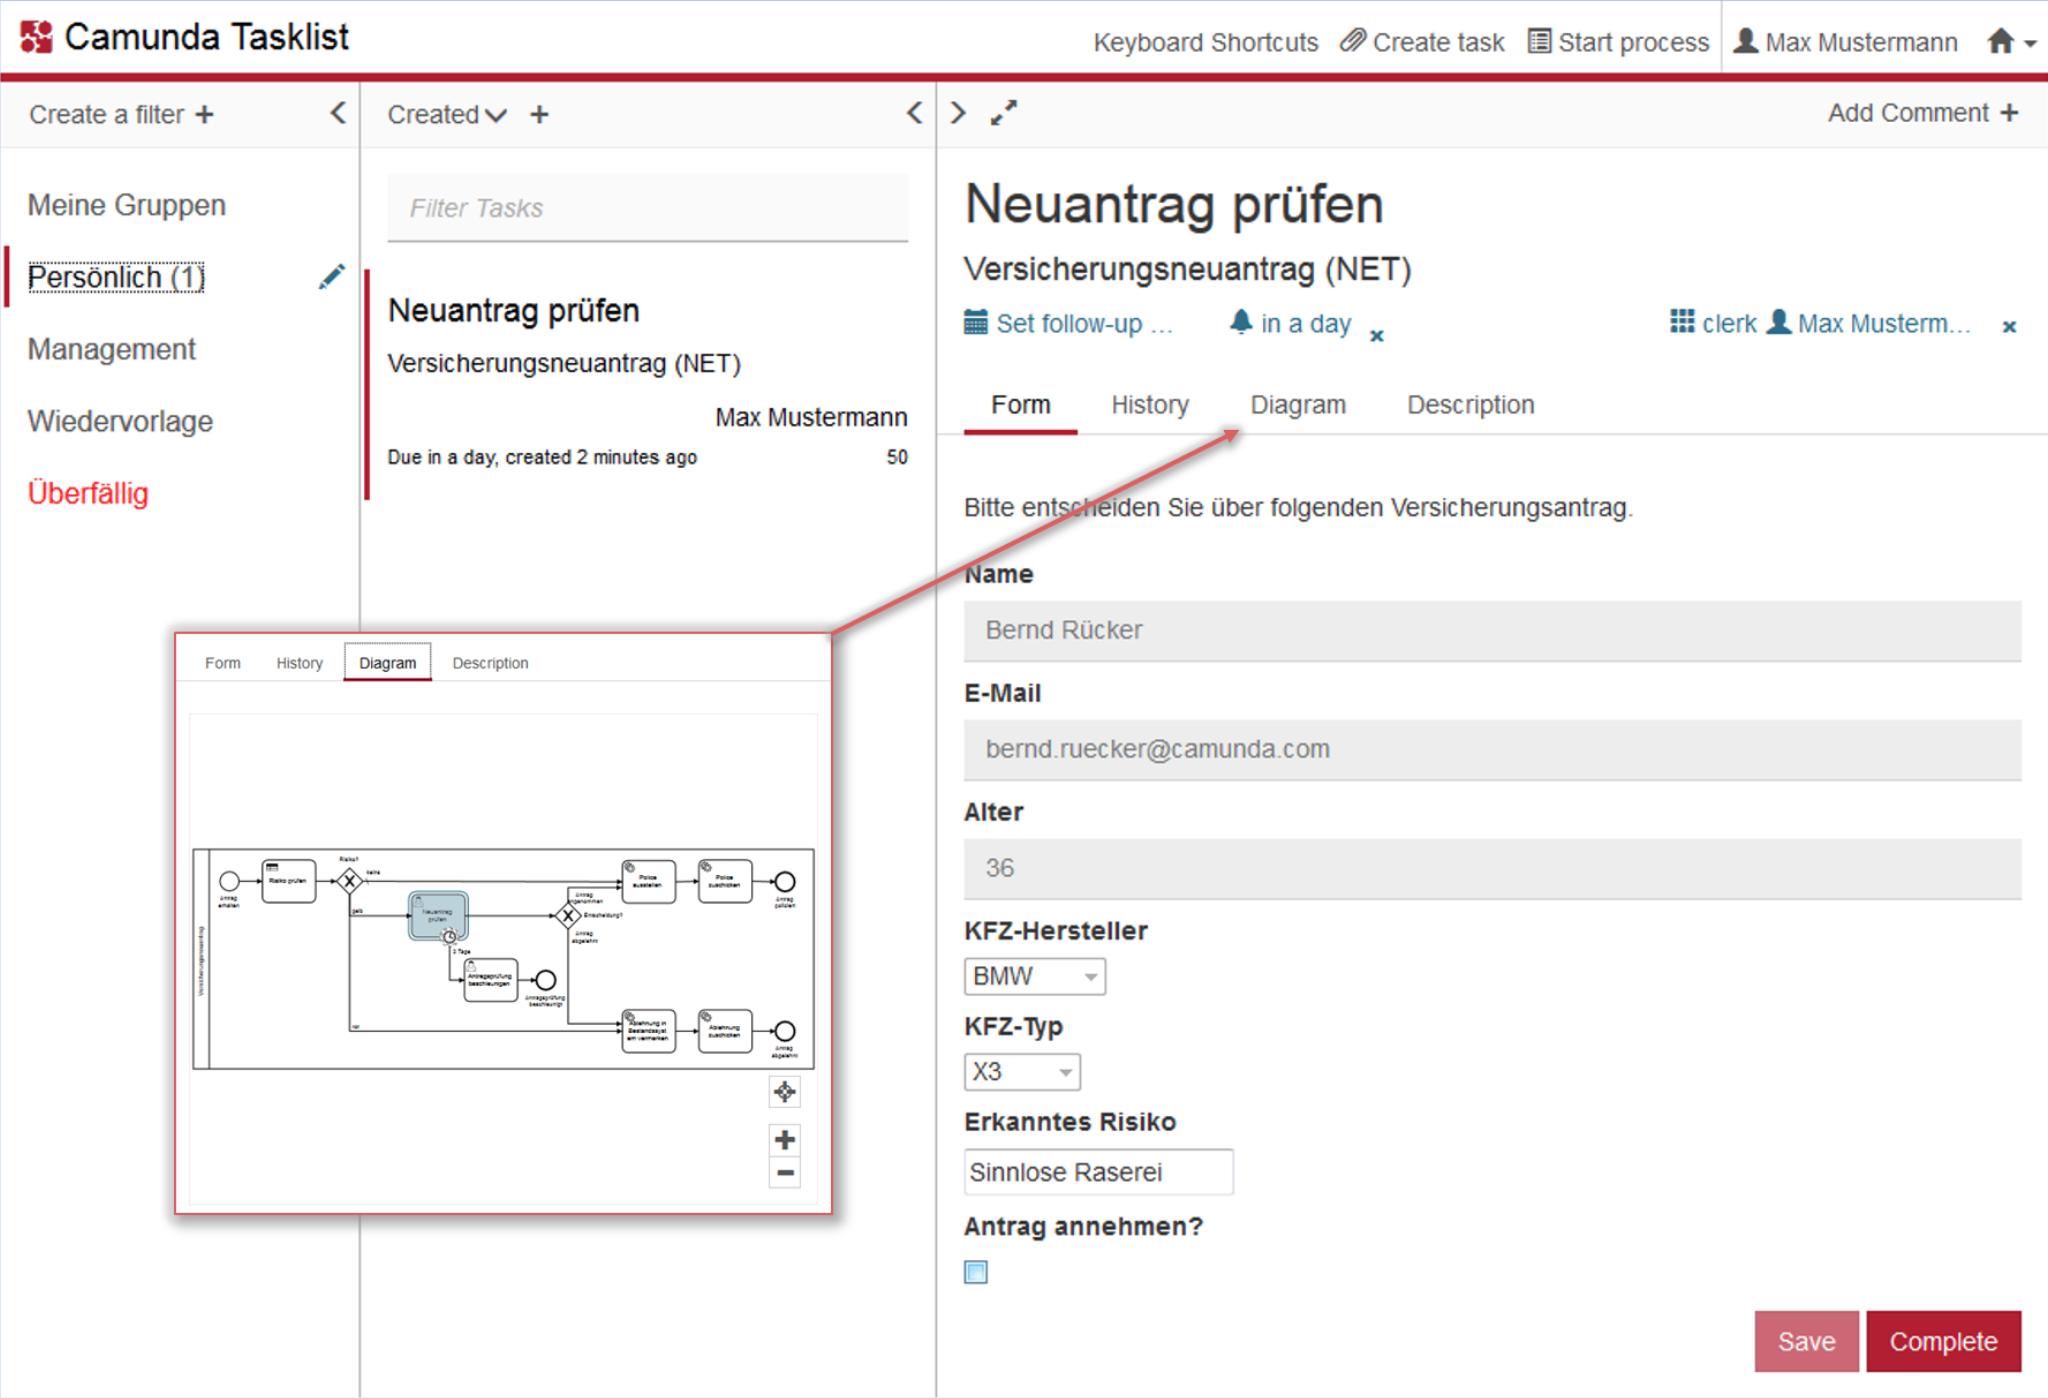 Geschäftsprozesse digitalisieren mit Camunda BPM - insign gmbh